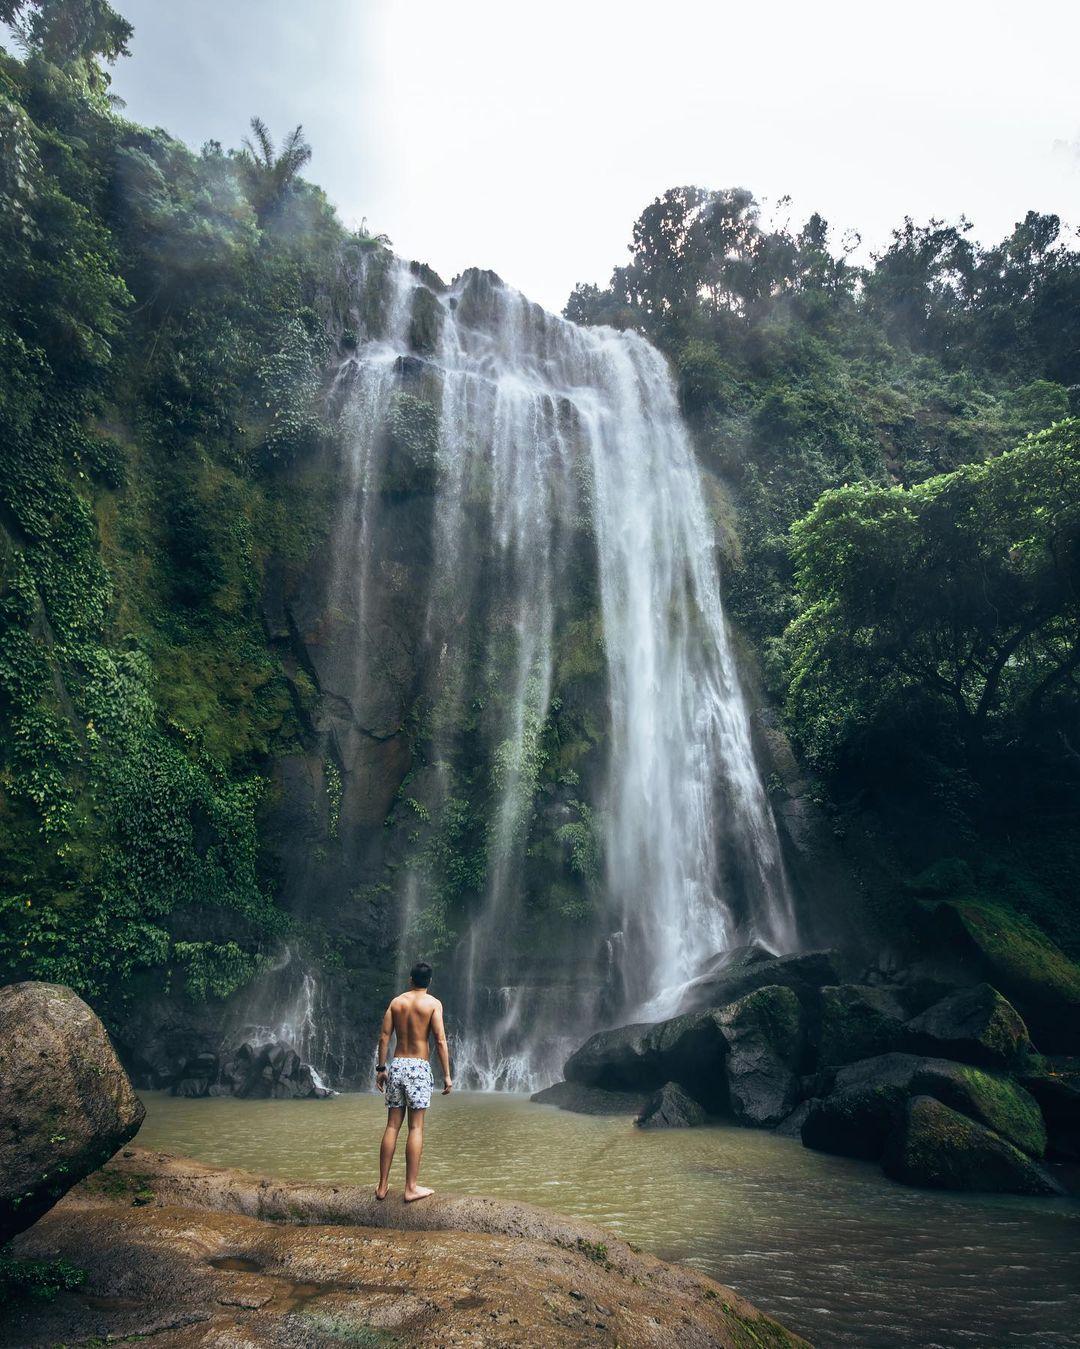 Природа и путешествия на снимках Микки Теназаса